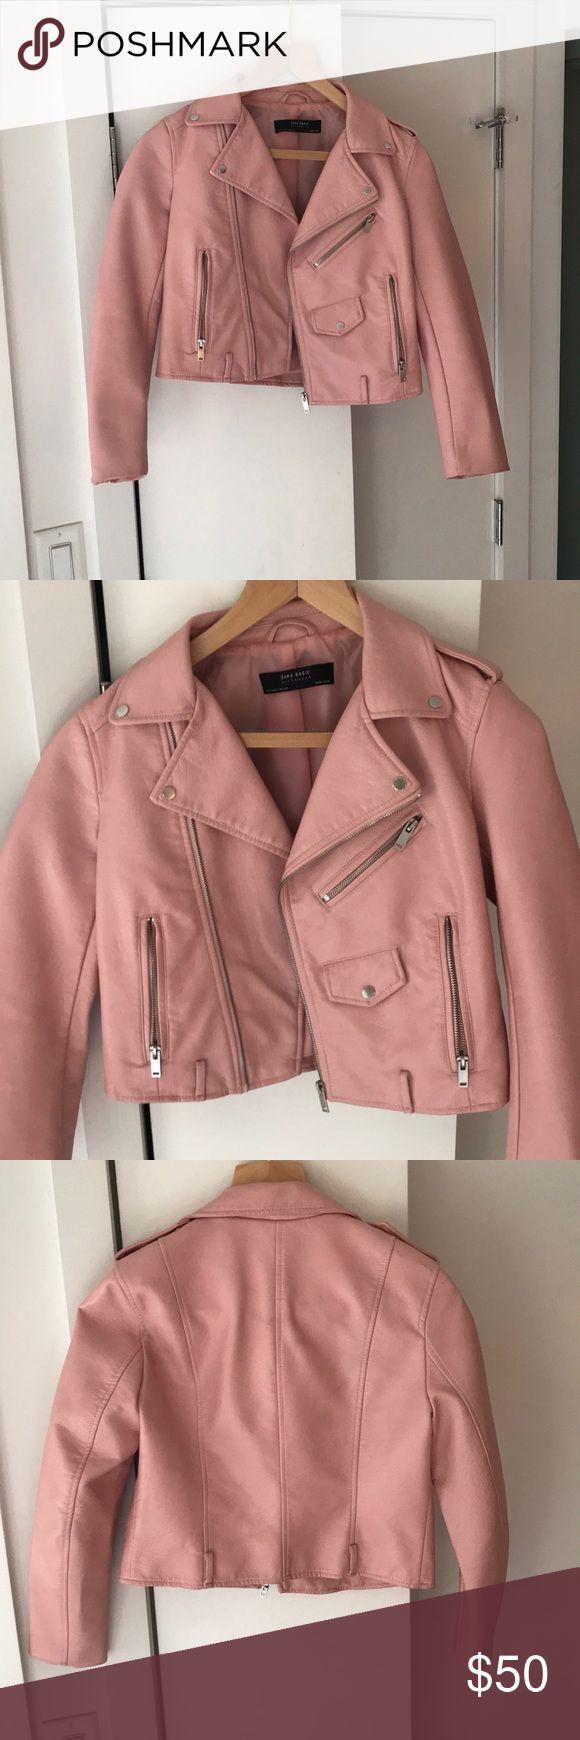 Zara Pink Leather Faux leather biker jacket, Pink